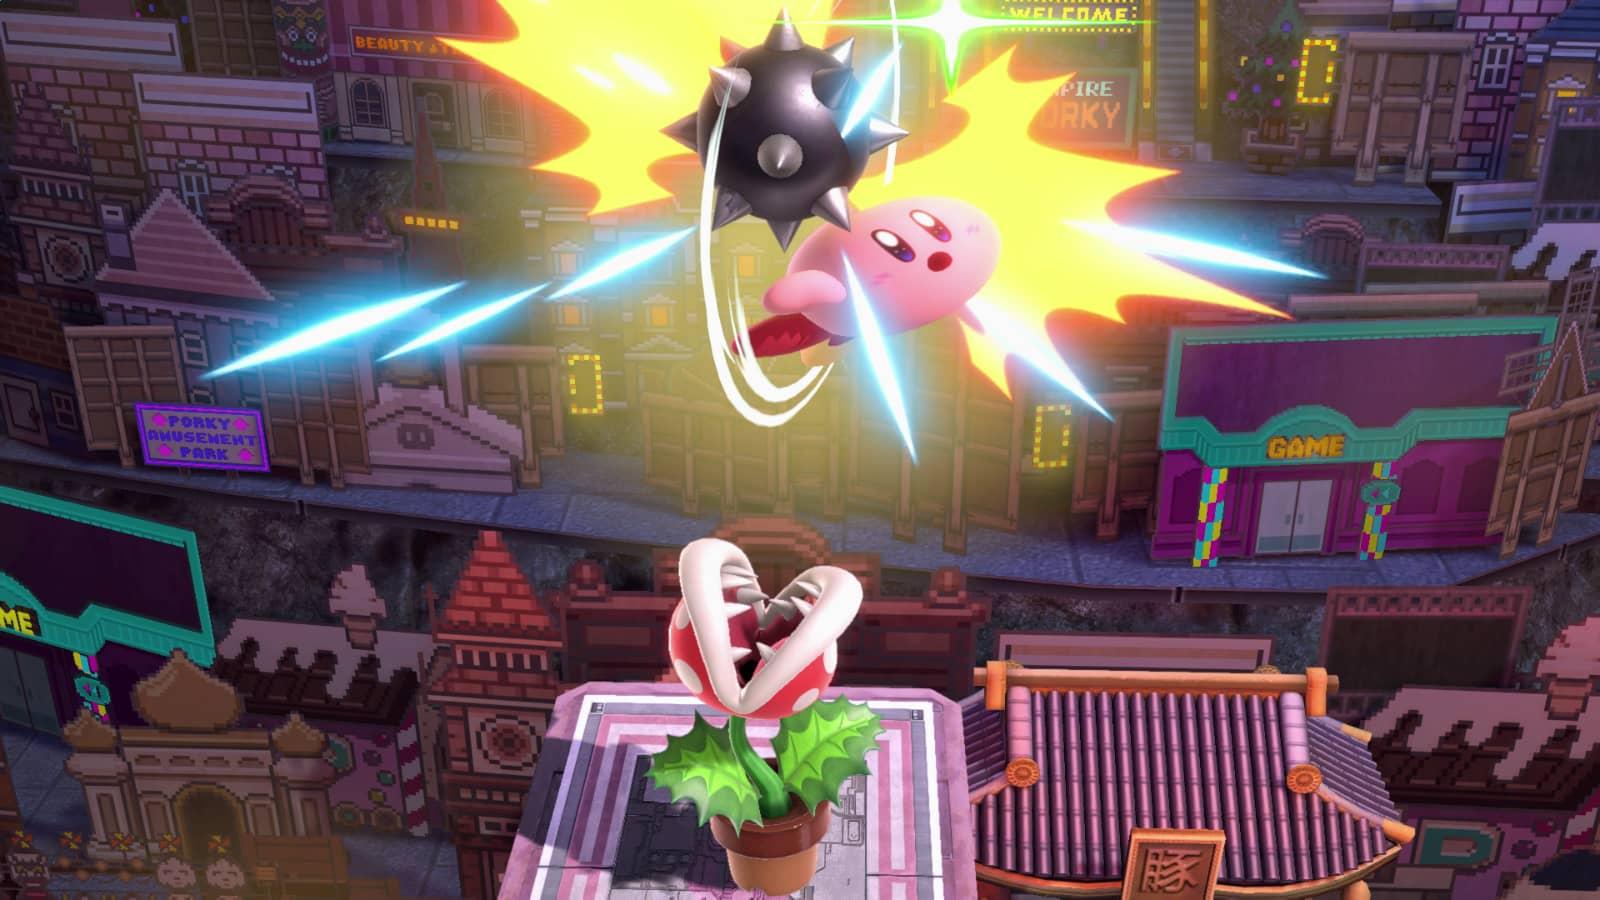 Piranha Plant lançado como DLC pago por Smash Ultimate